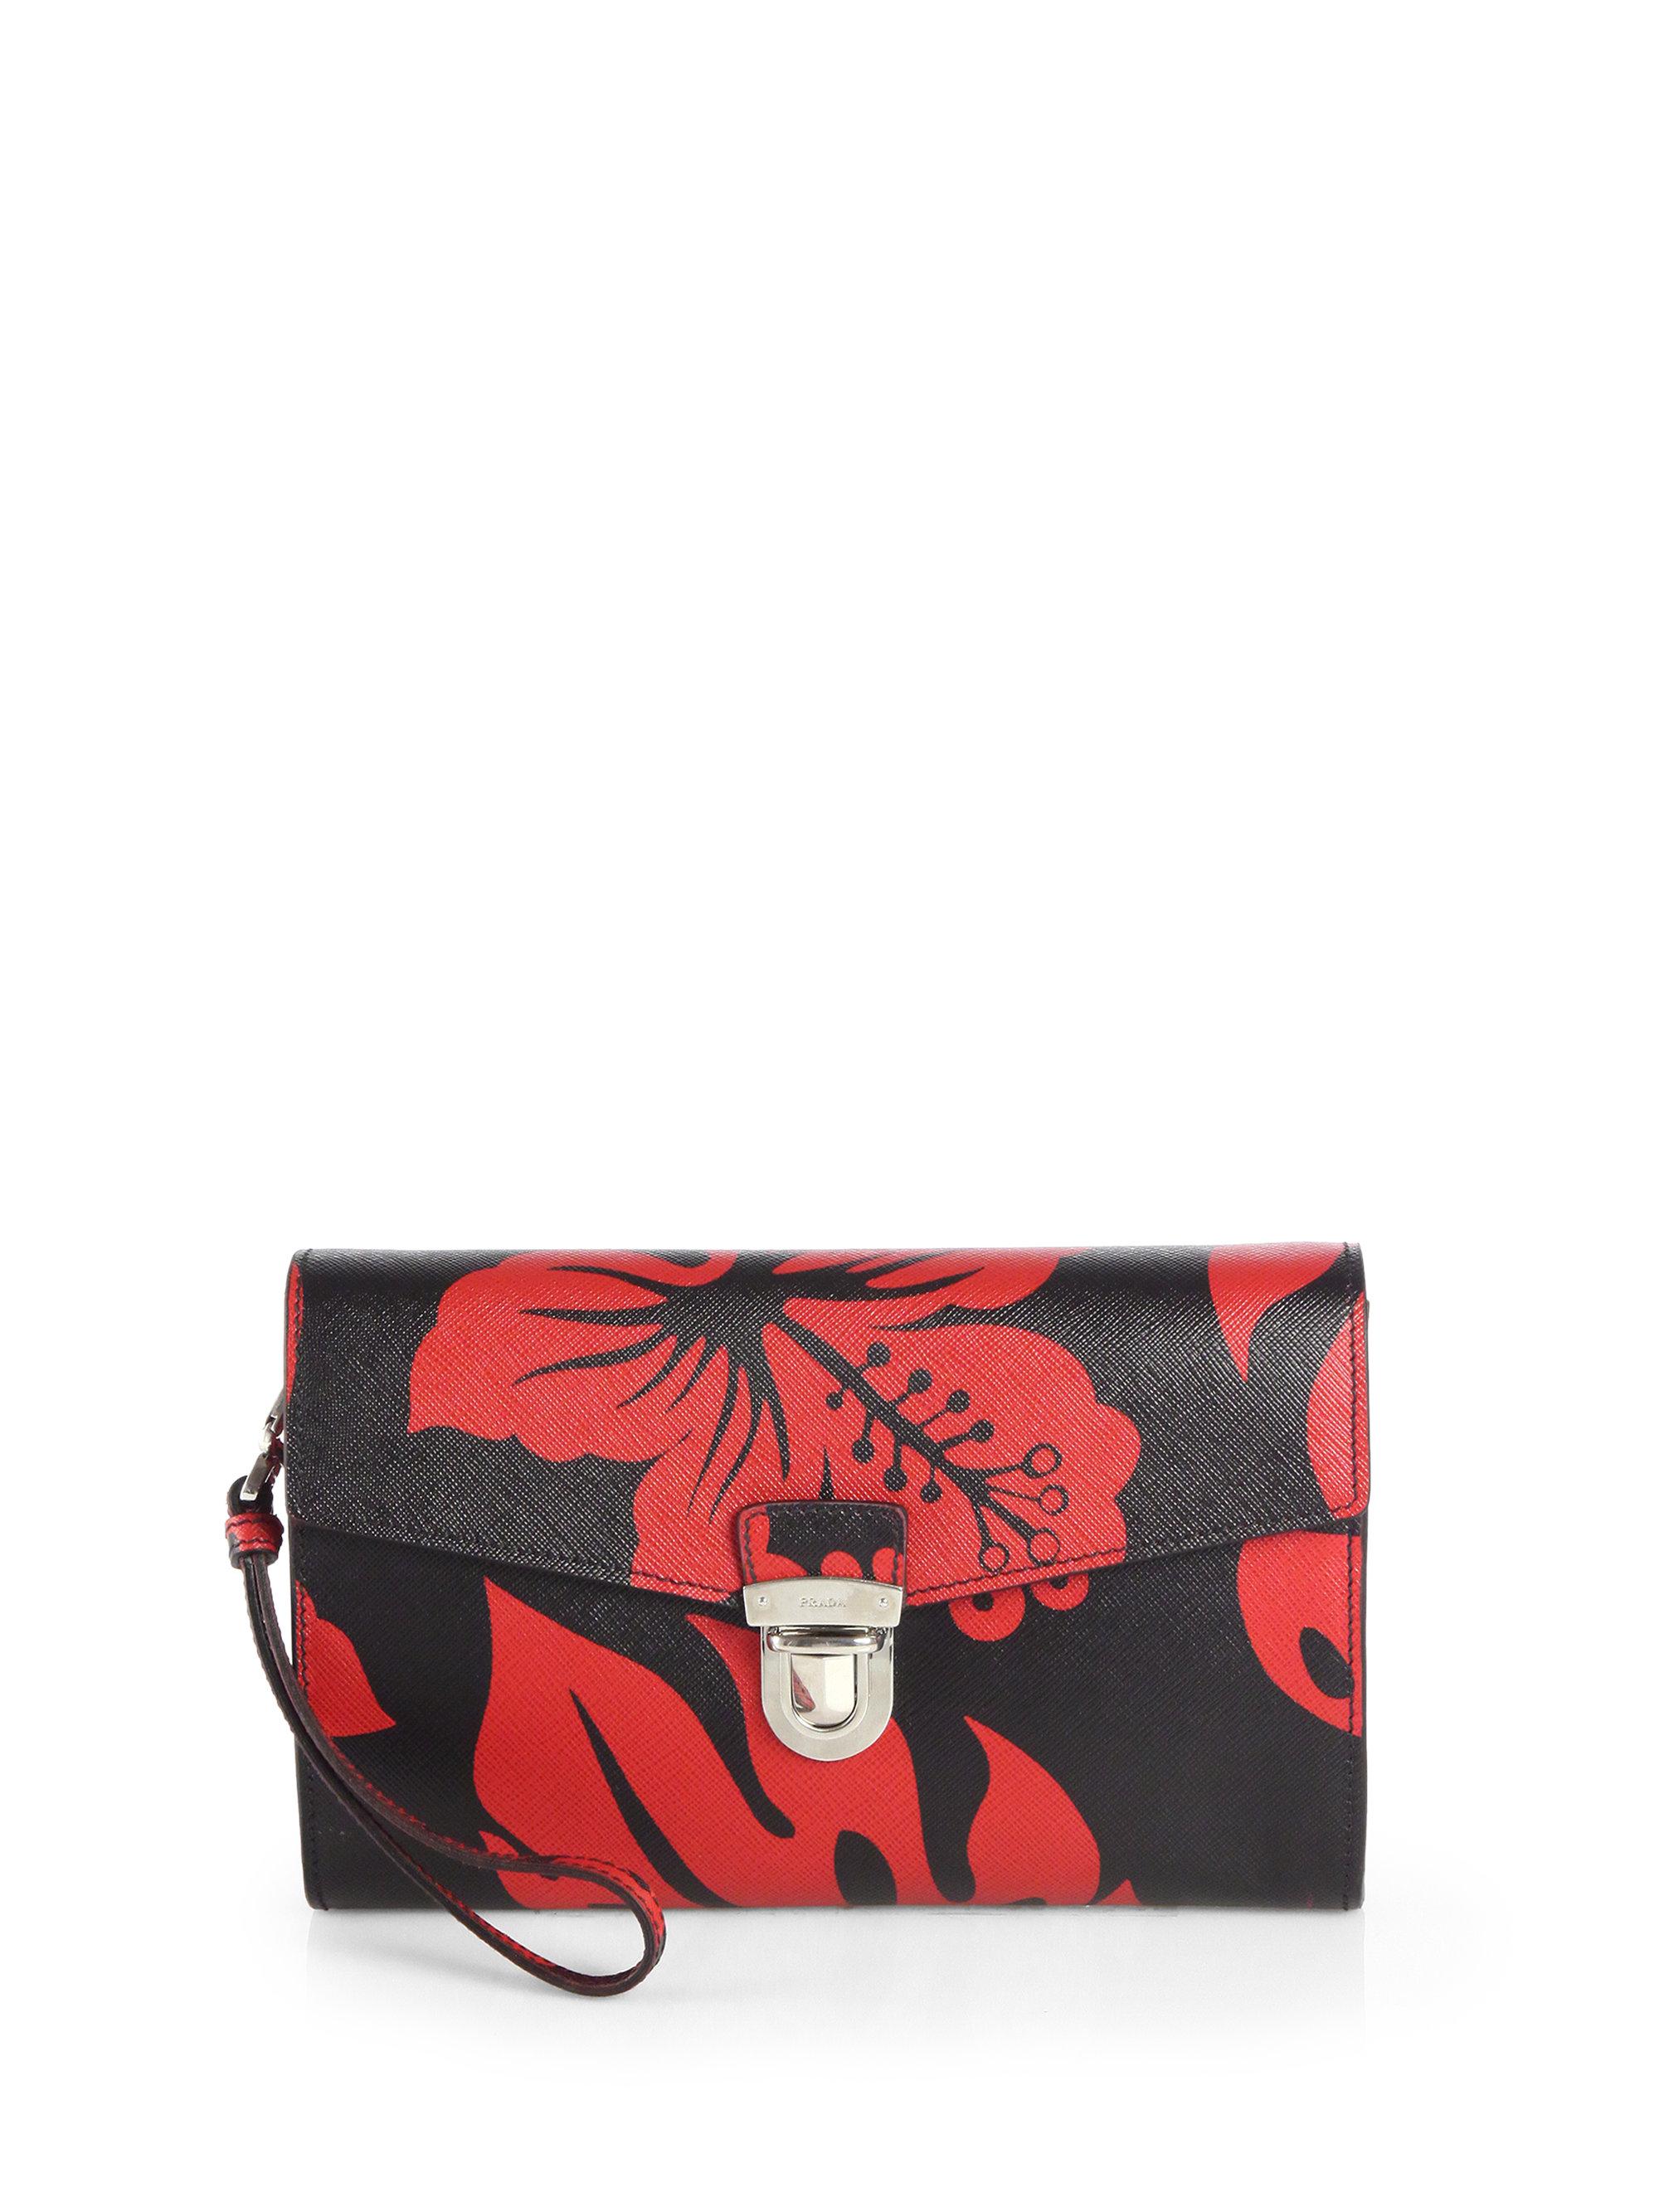 red prada purse price - prada push lock portfolio saffiano leather large, prada small handbags